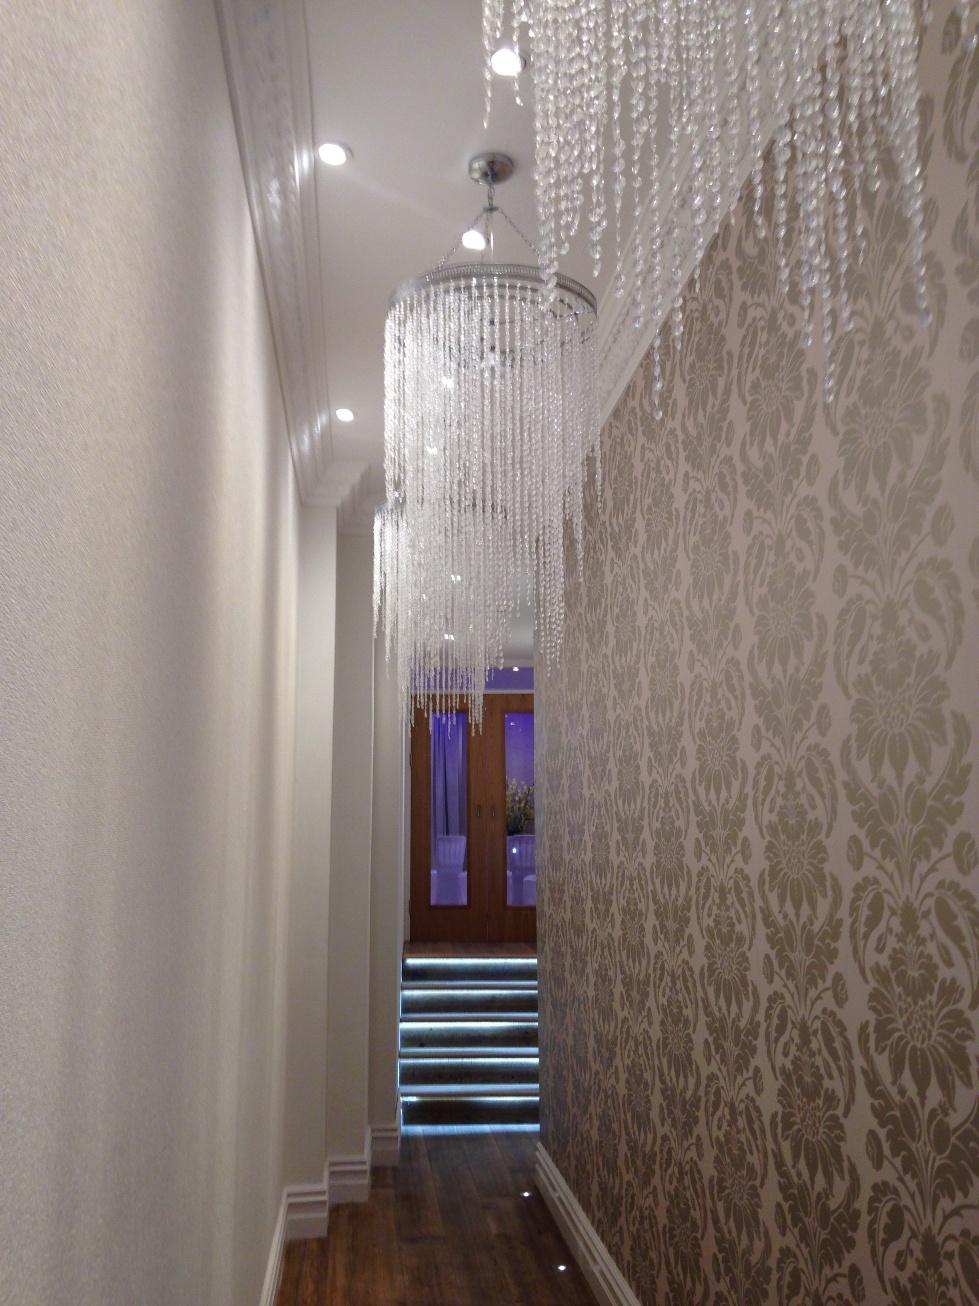 Sands Hallway2